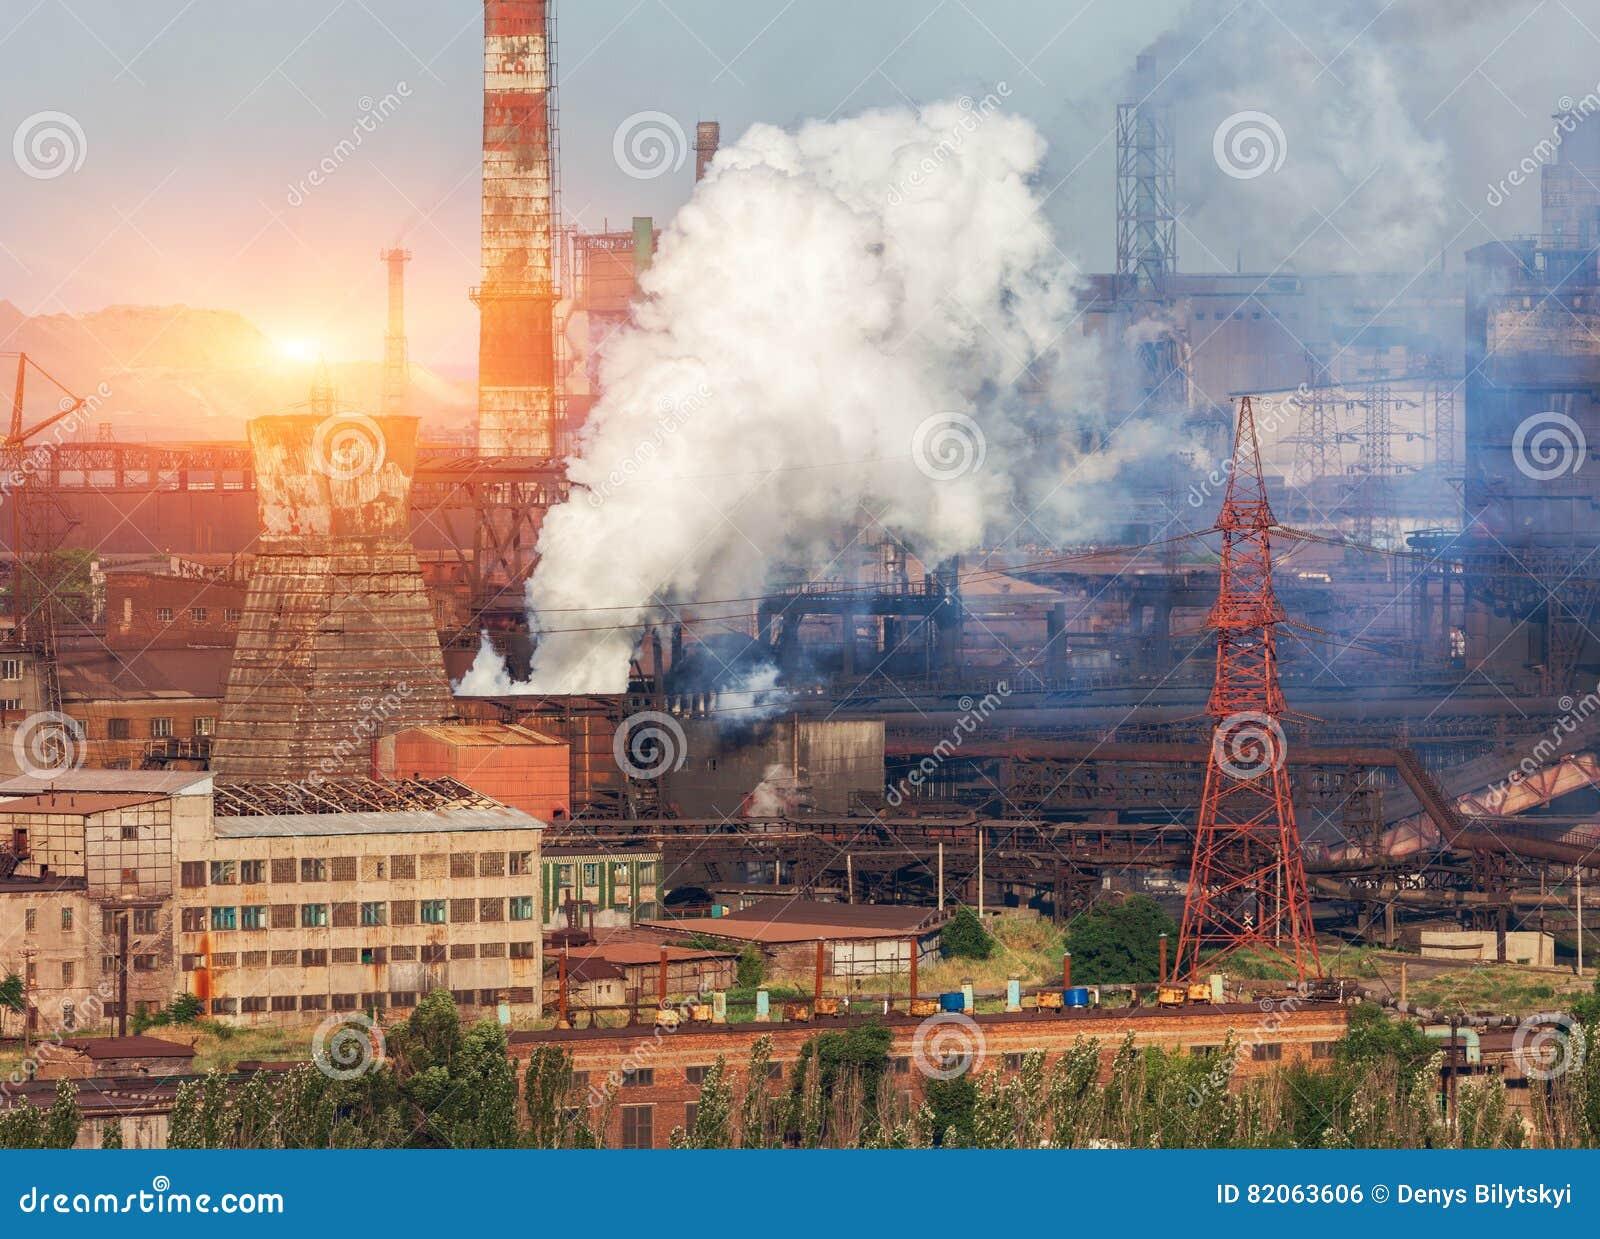 Planta de la metalurgia en Ucrania en la puesta del sol Fábrica de acero con niebla con humo